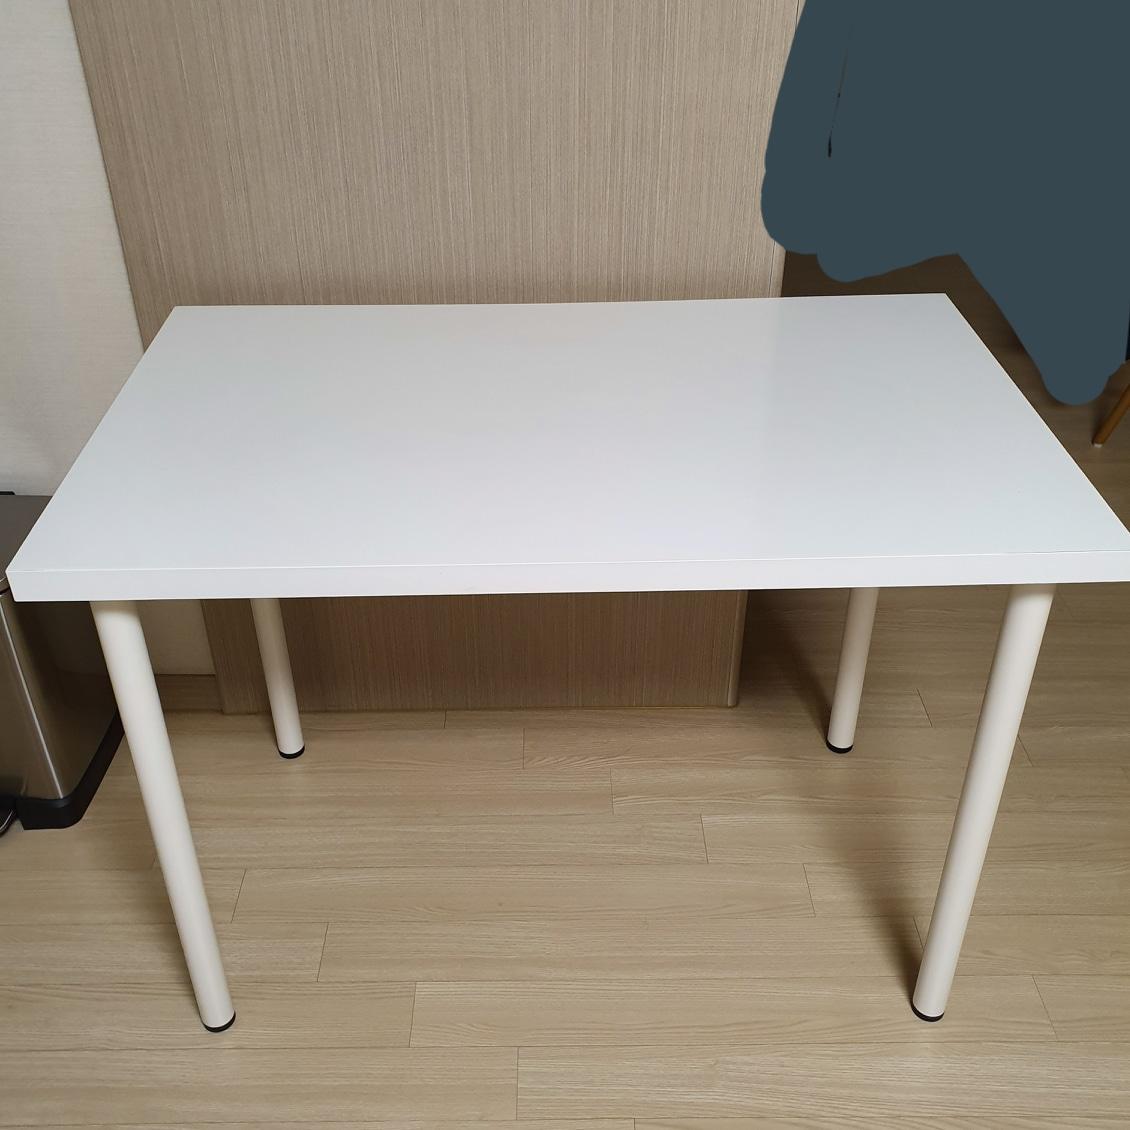 이케아(IKEA) 책상 판매합니다